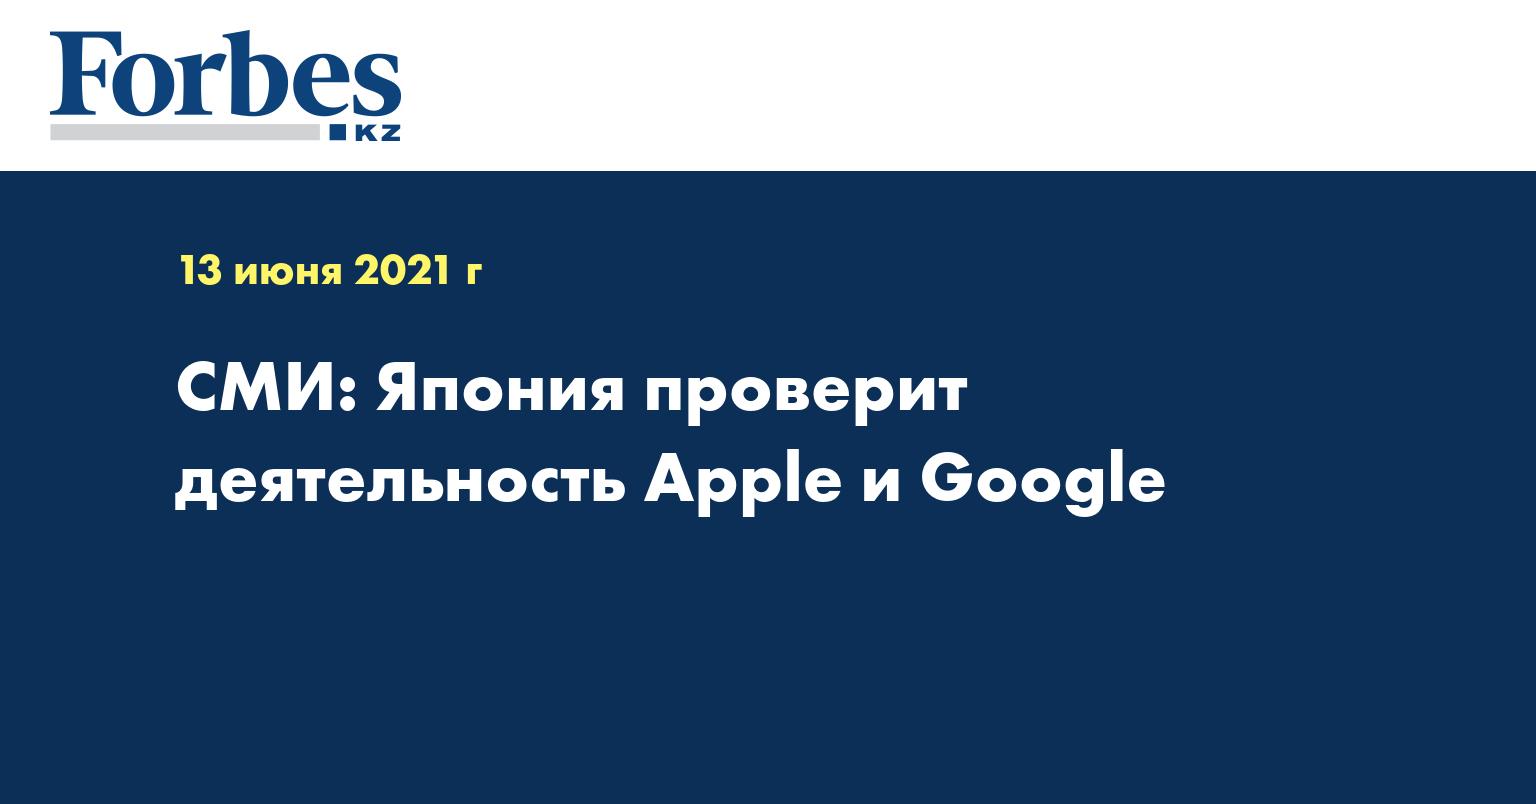 СМИ: Япония проверит деятельность Apple и Google